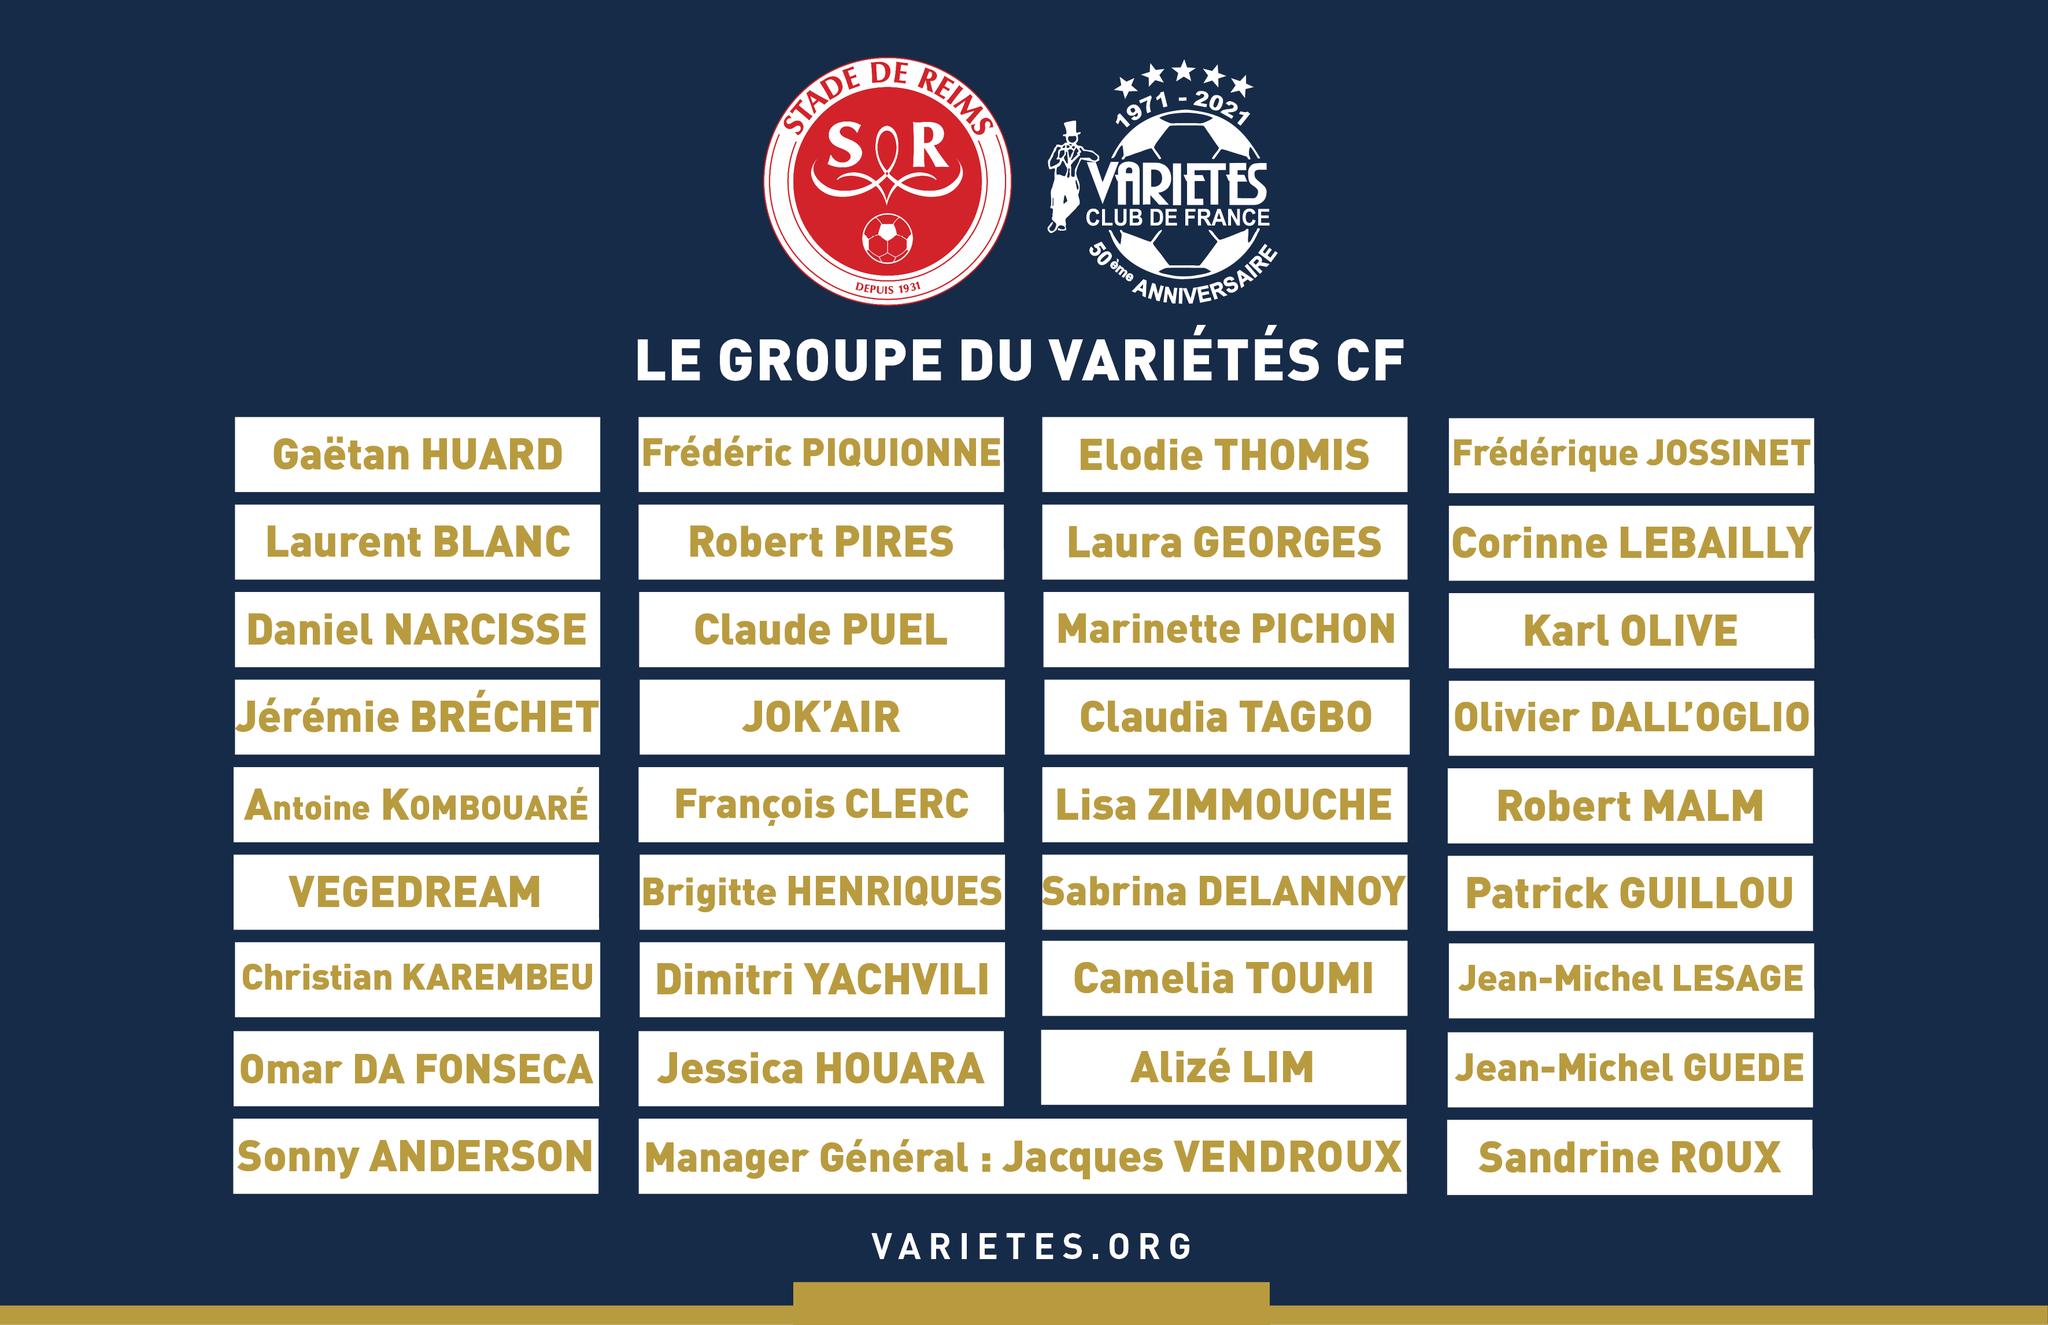 Egalité Hommes-Femmes, un match mixte du Variétés Club de France face au Stade de REIMS